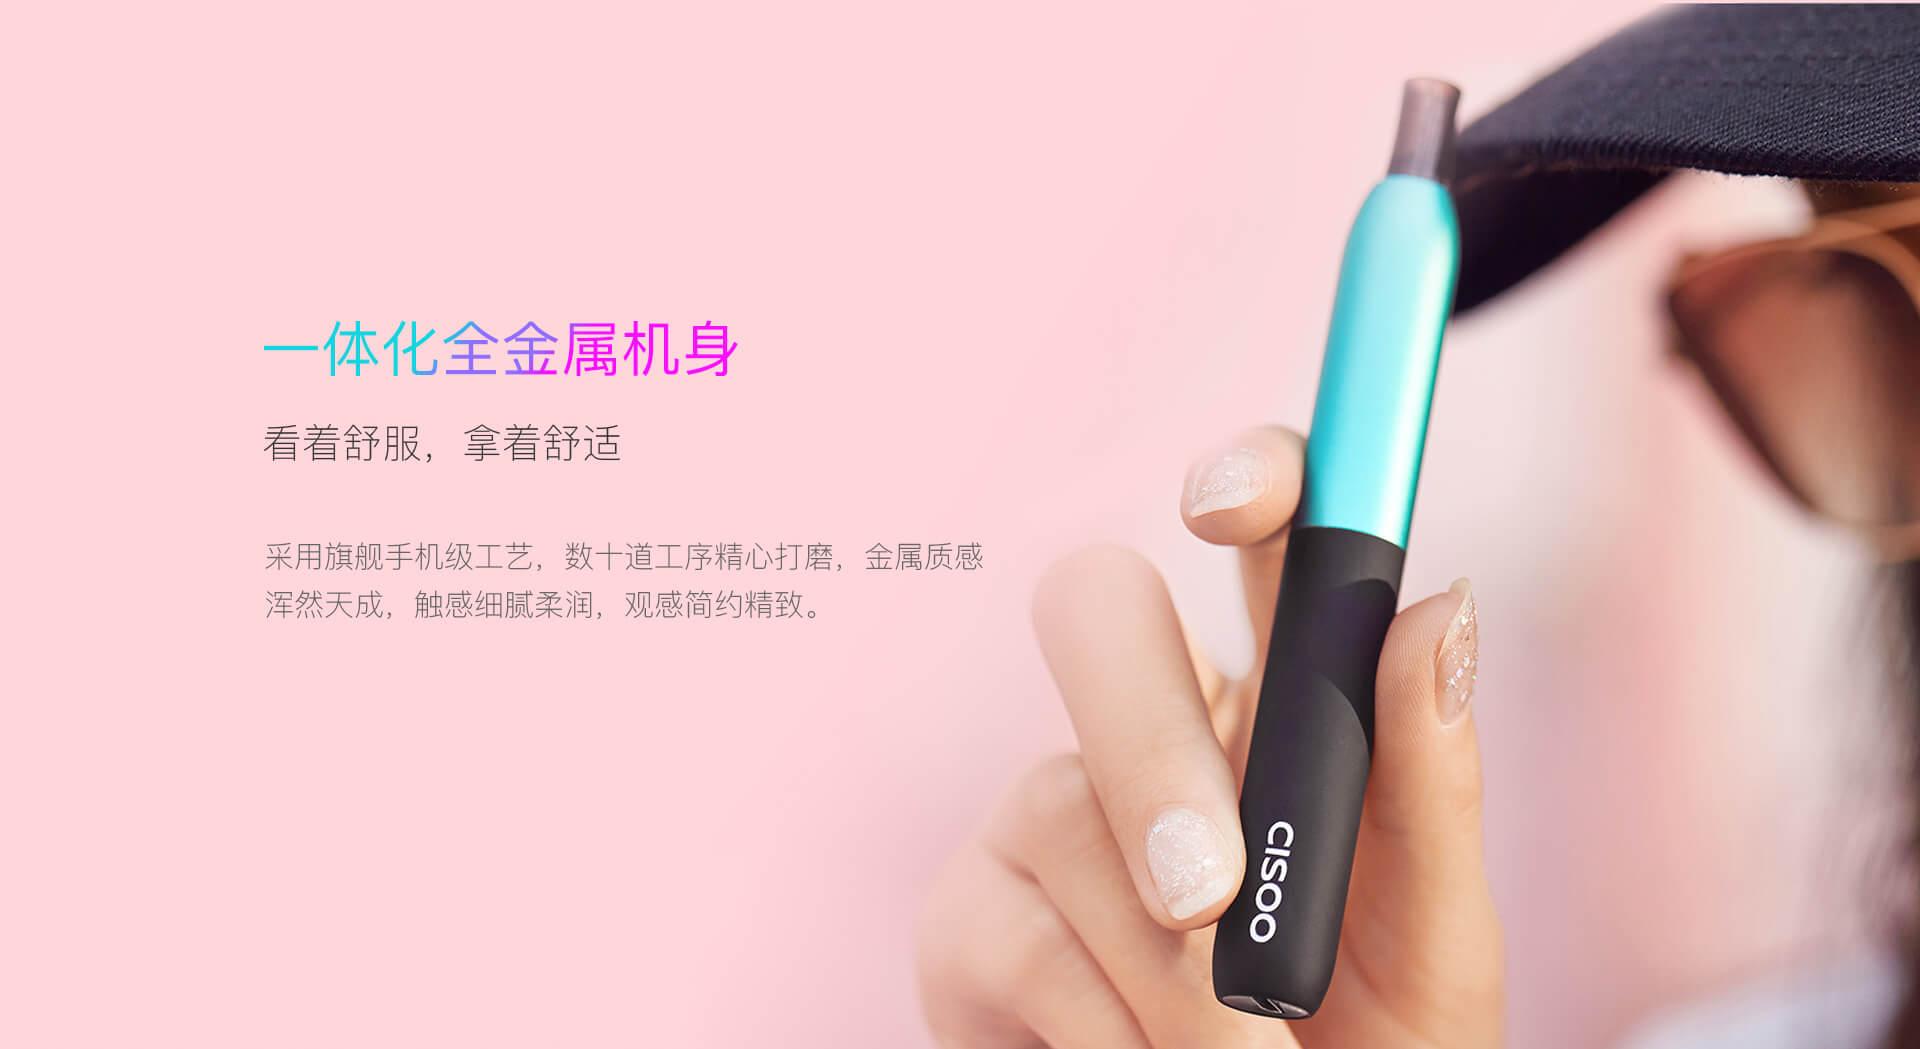 CISOO西素电子烟官网介绍_怎么样图2